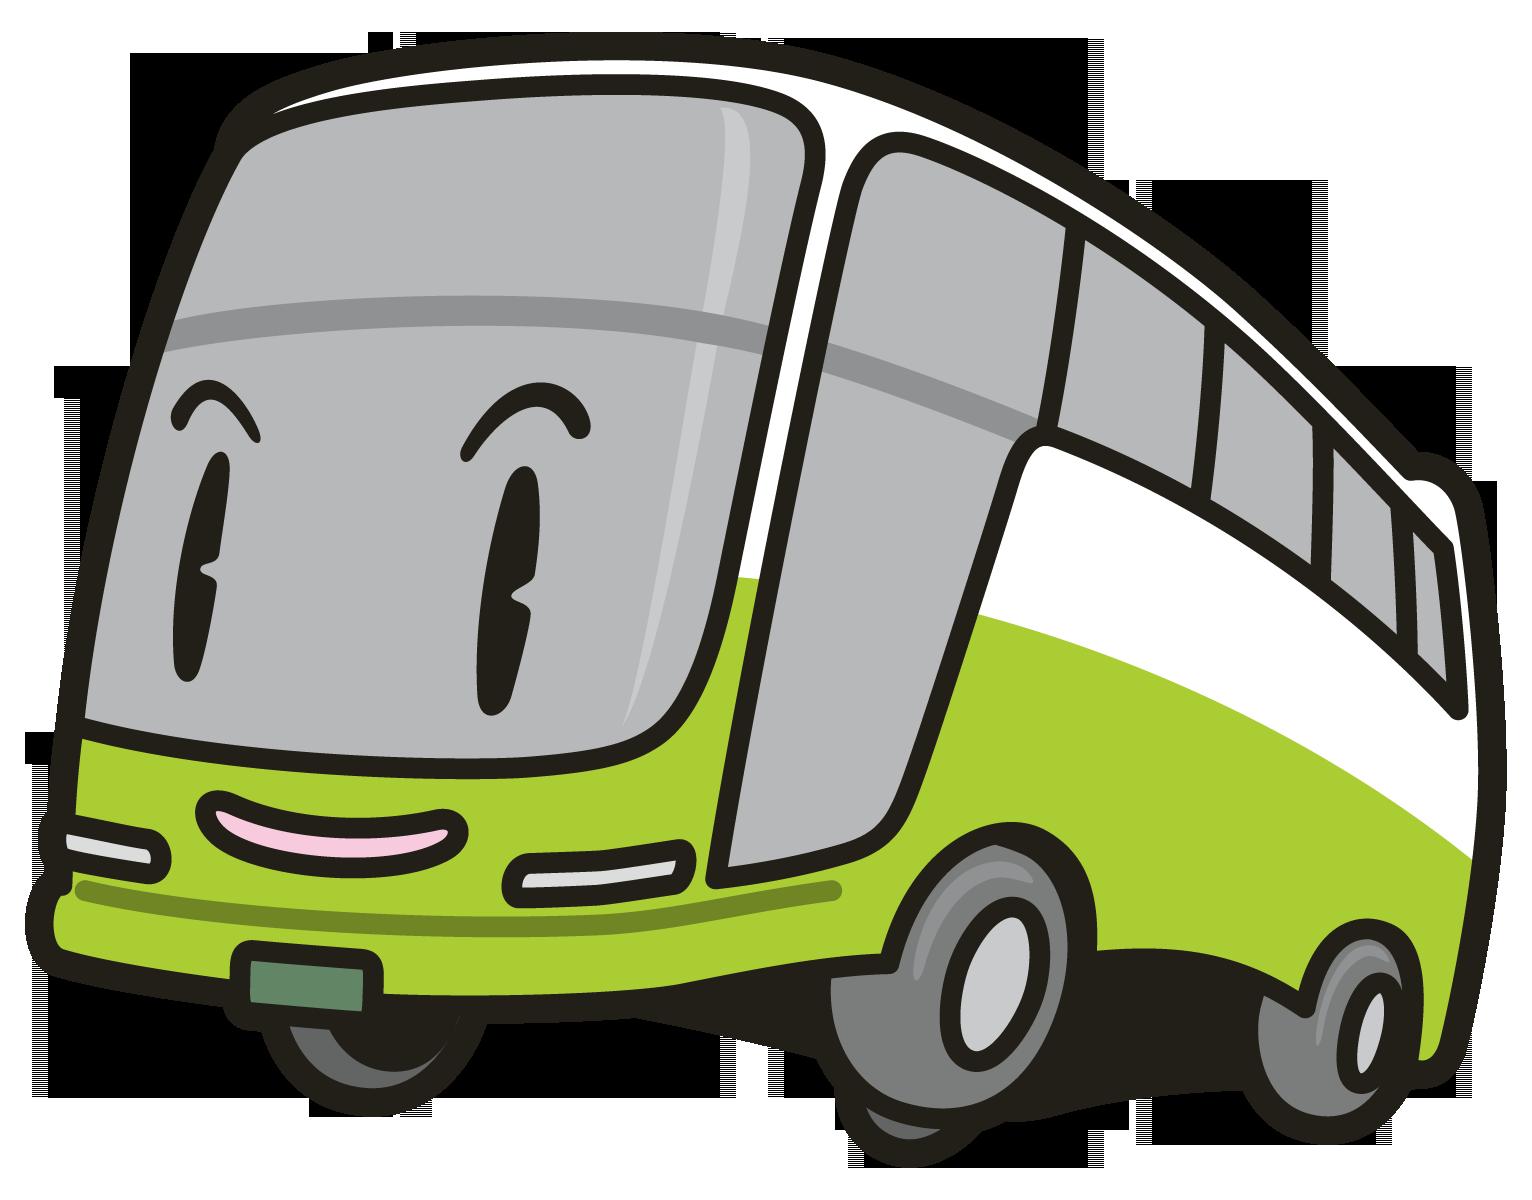 もとぶ元気村へのアクセス(バス編) | もとぶ元気村・マリンピアザ